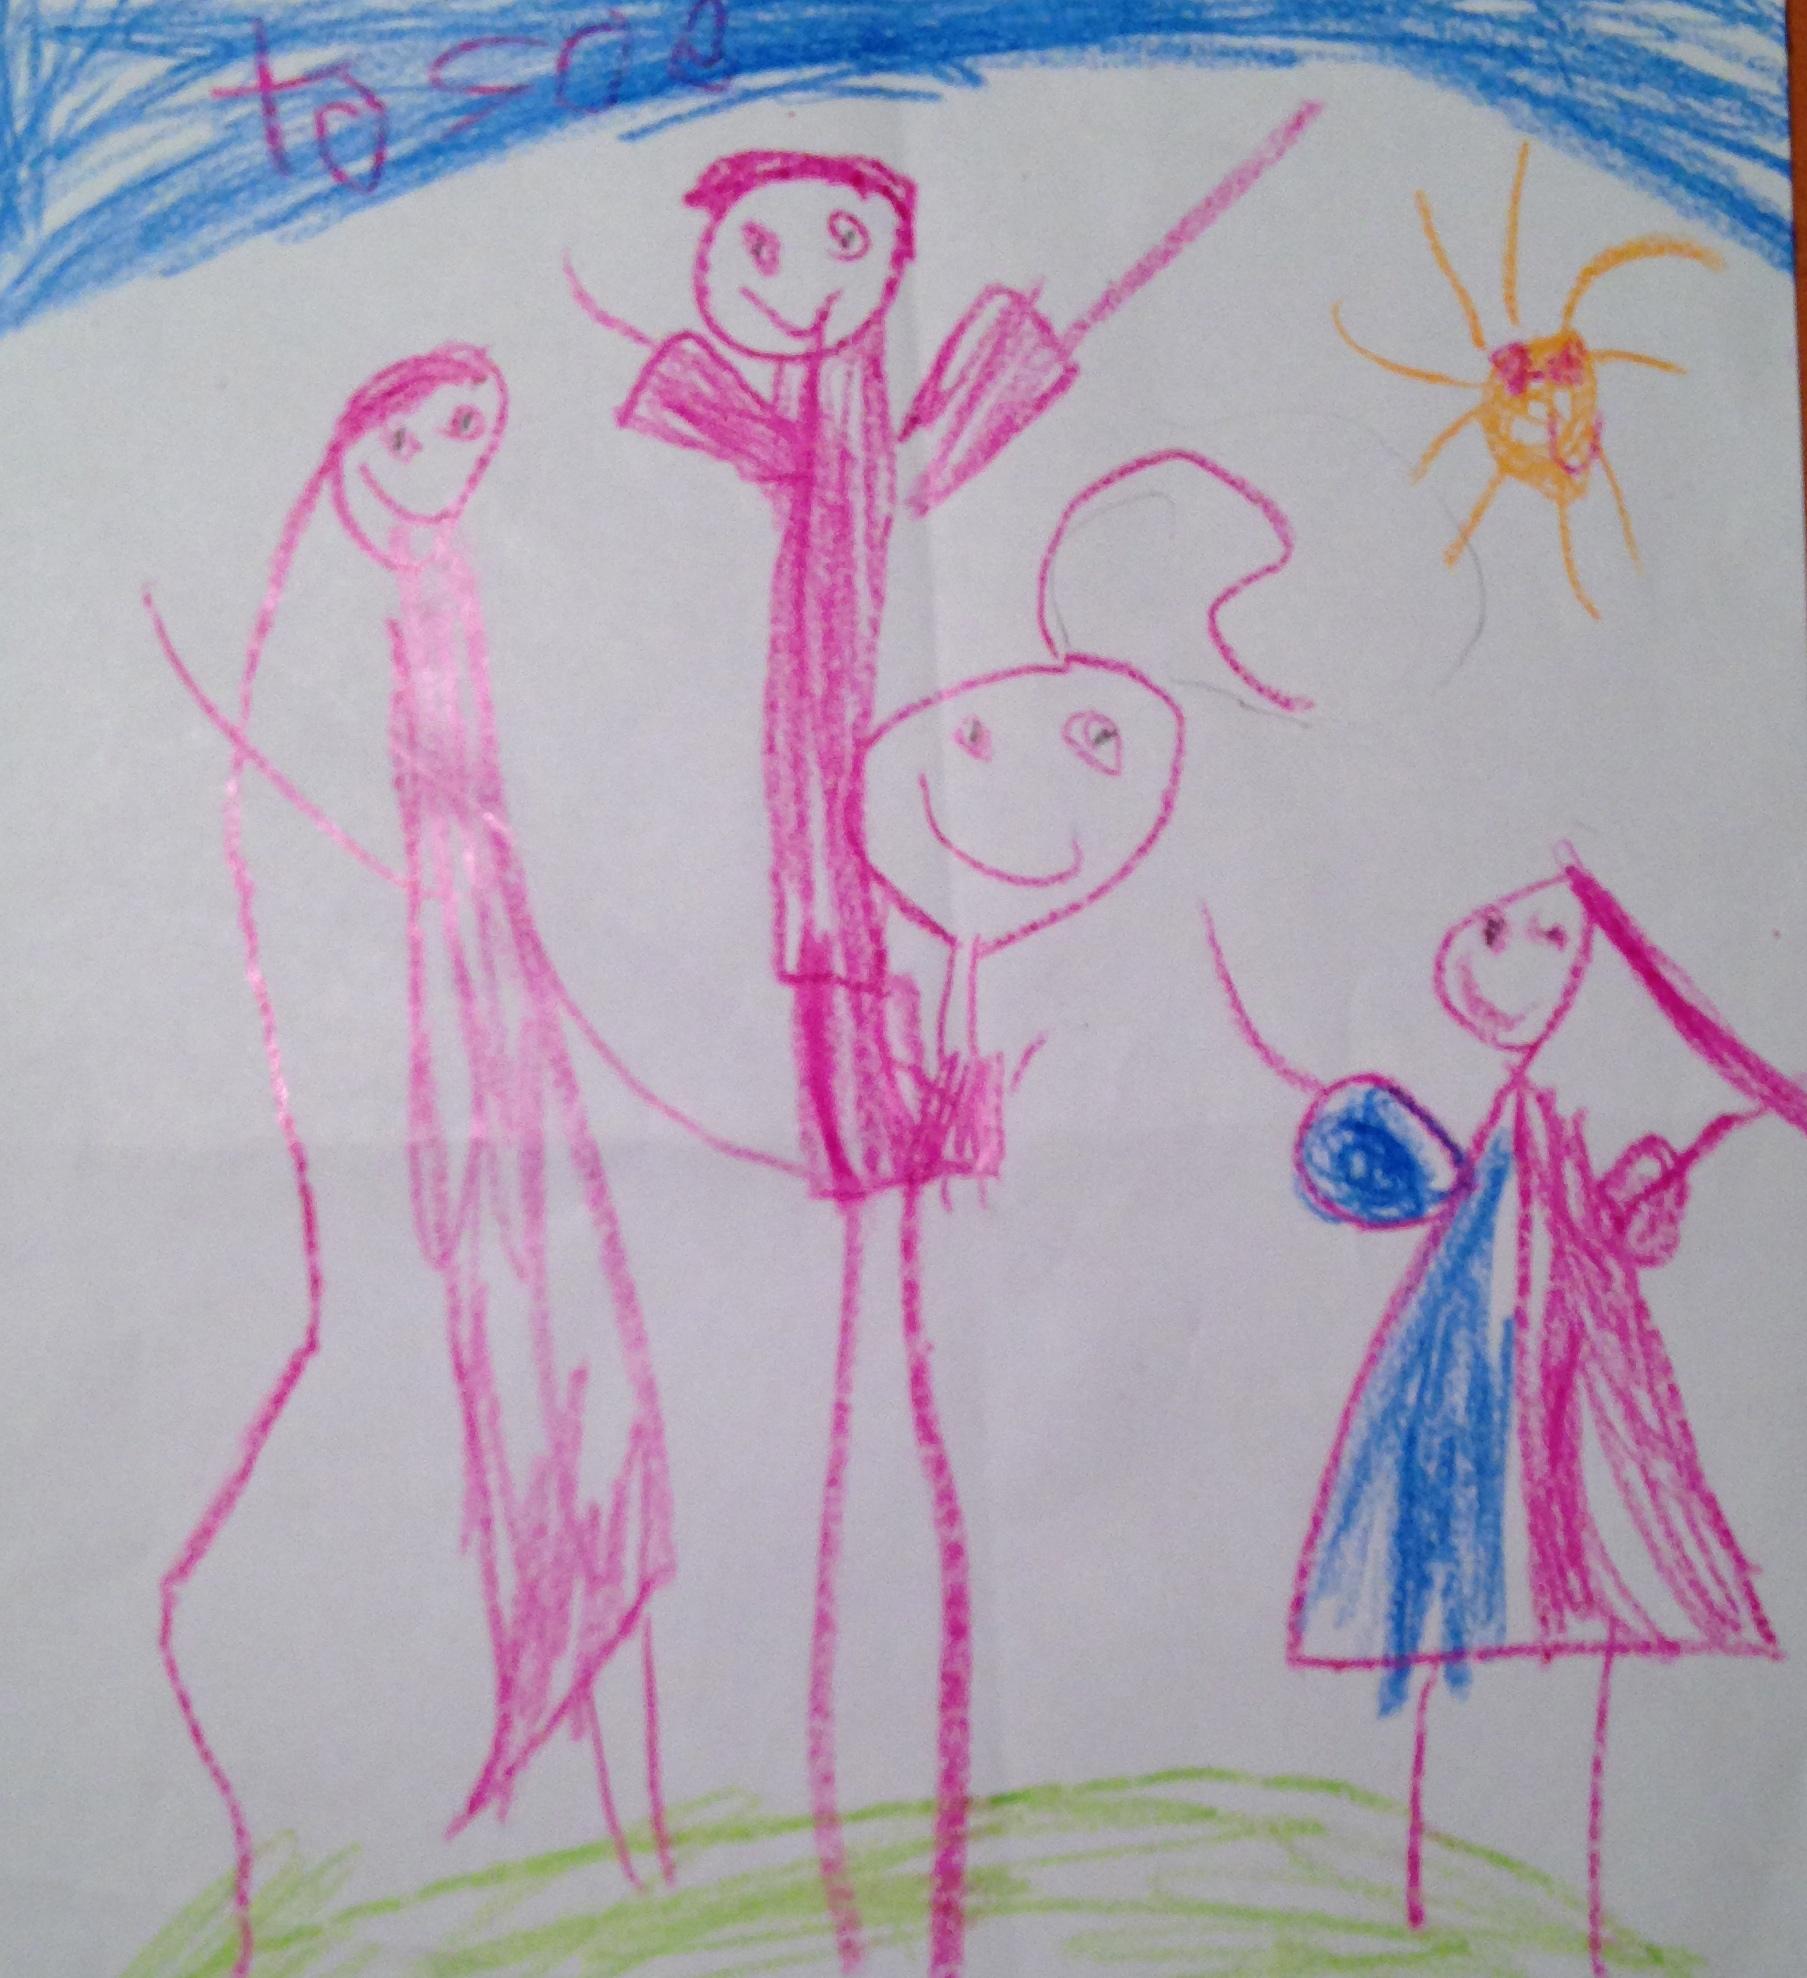 Family portrait by Ana.